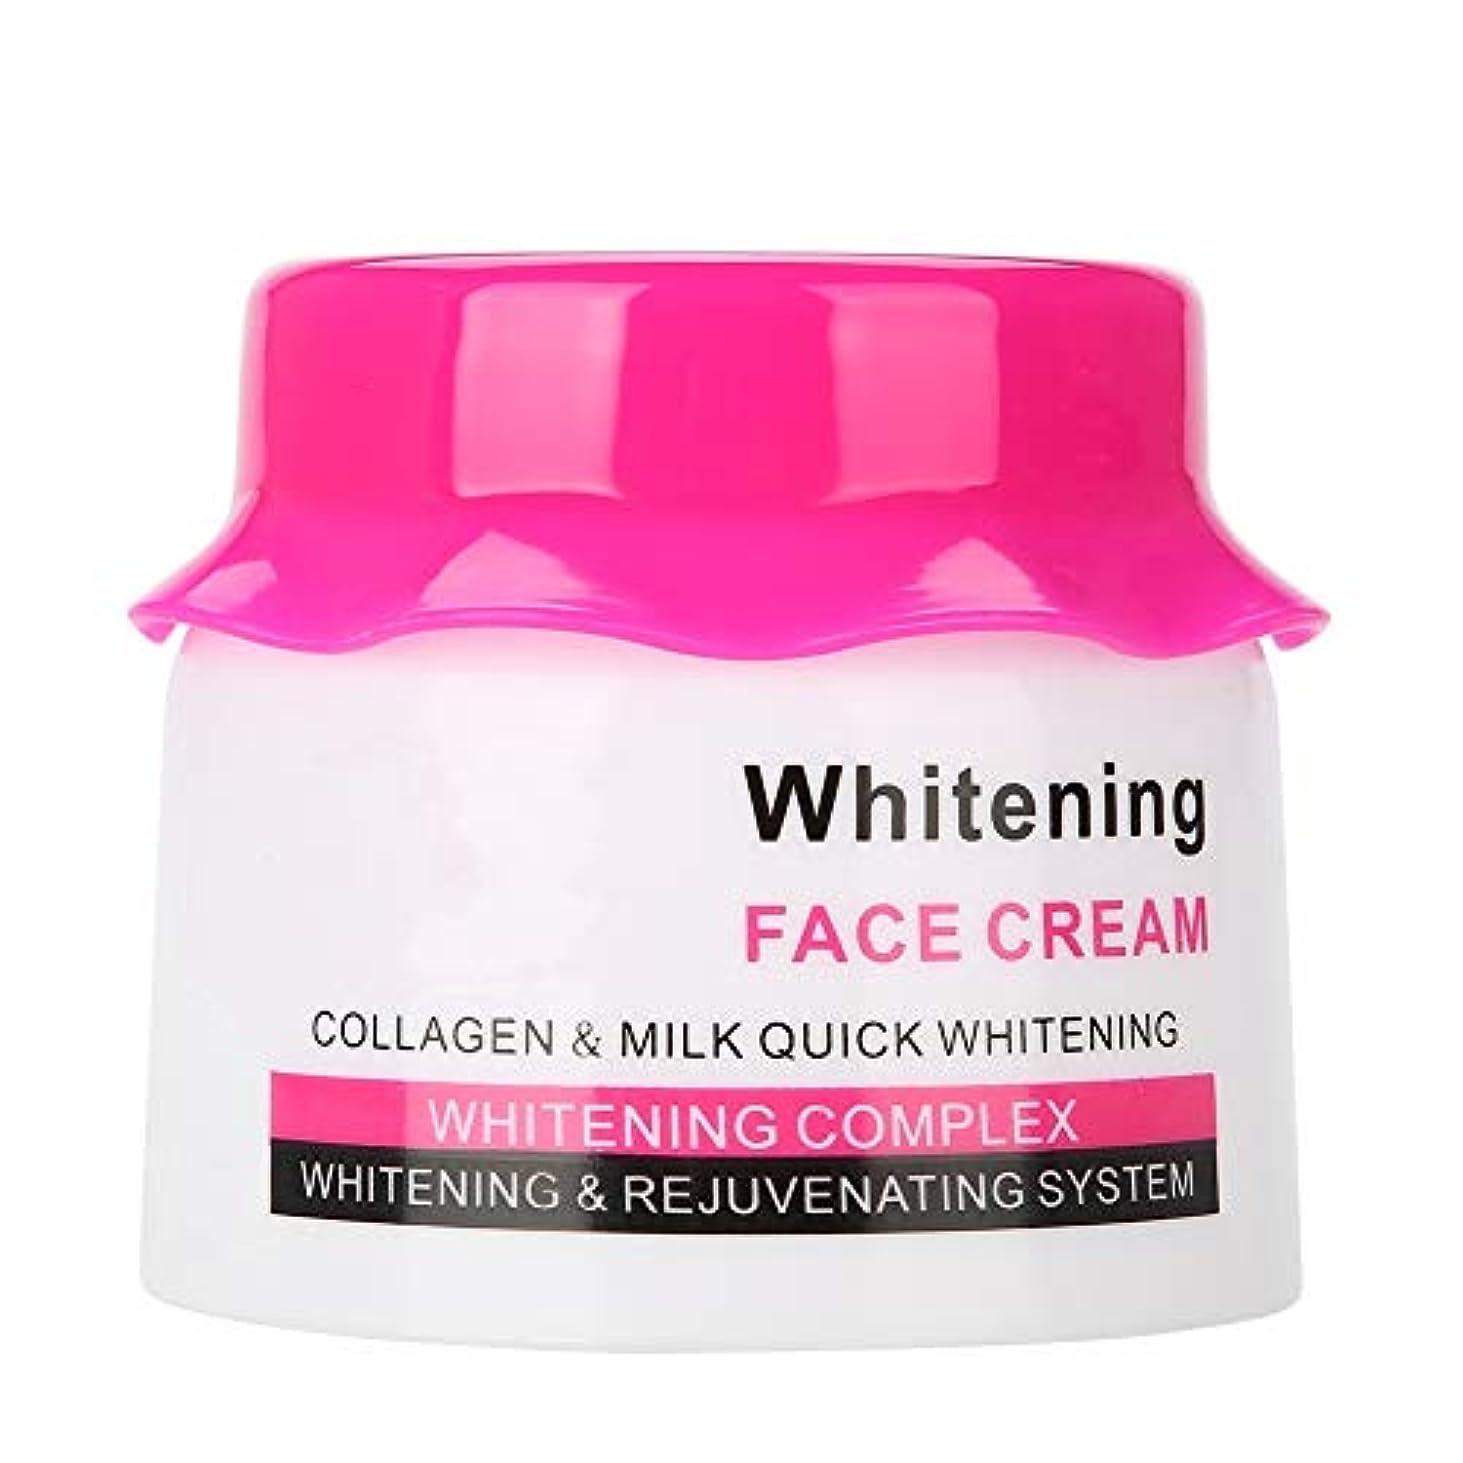 流出とげ創始者天然コラーゲン、肌のリラクゼーションと引き締まった肌の多機能、保湿引き締めフェイシャルシュリンクポアケア肌を白くするフェイシャルクリーム